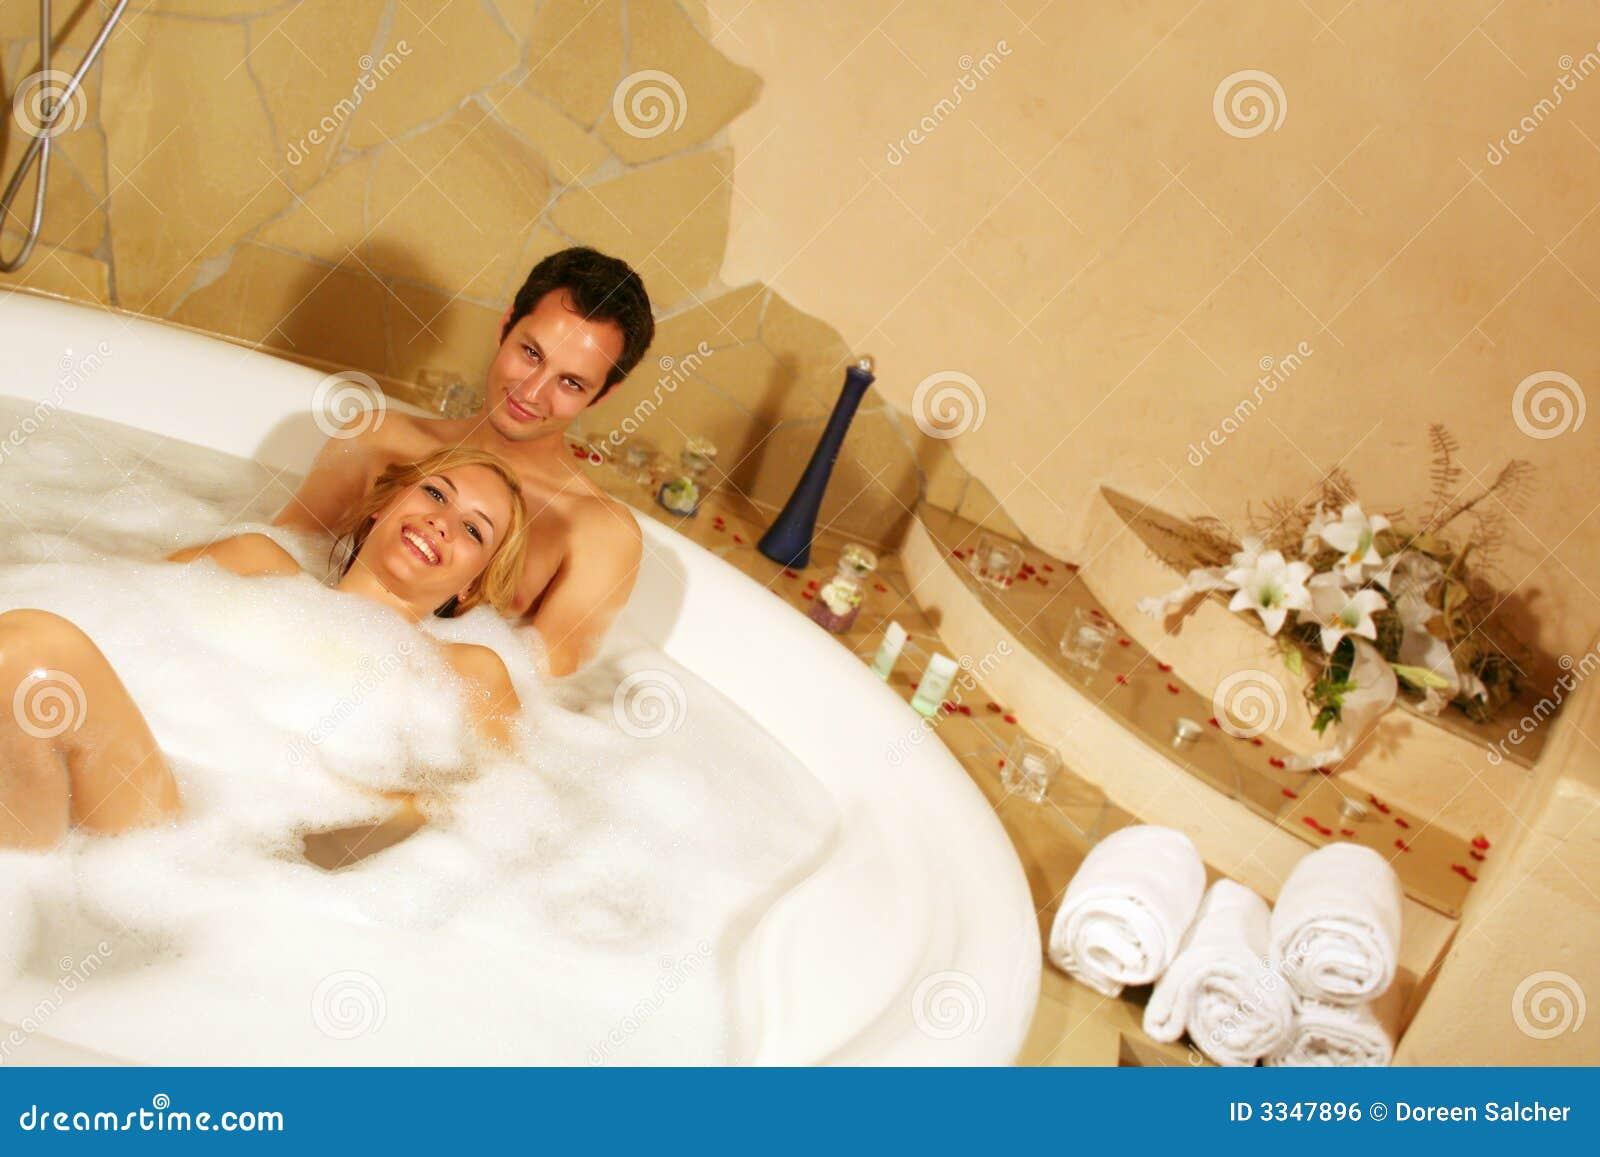 beaux couples dans le bain photo stock image du sain. Black Bedroom Furniture Sets. Home Design Ideas